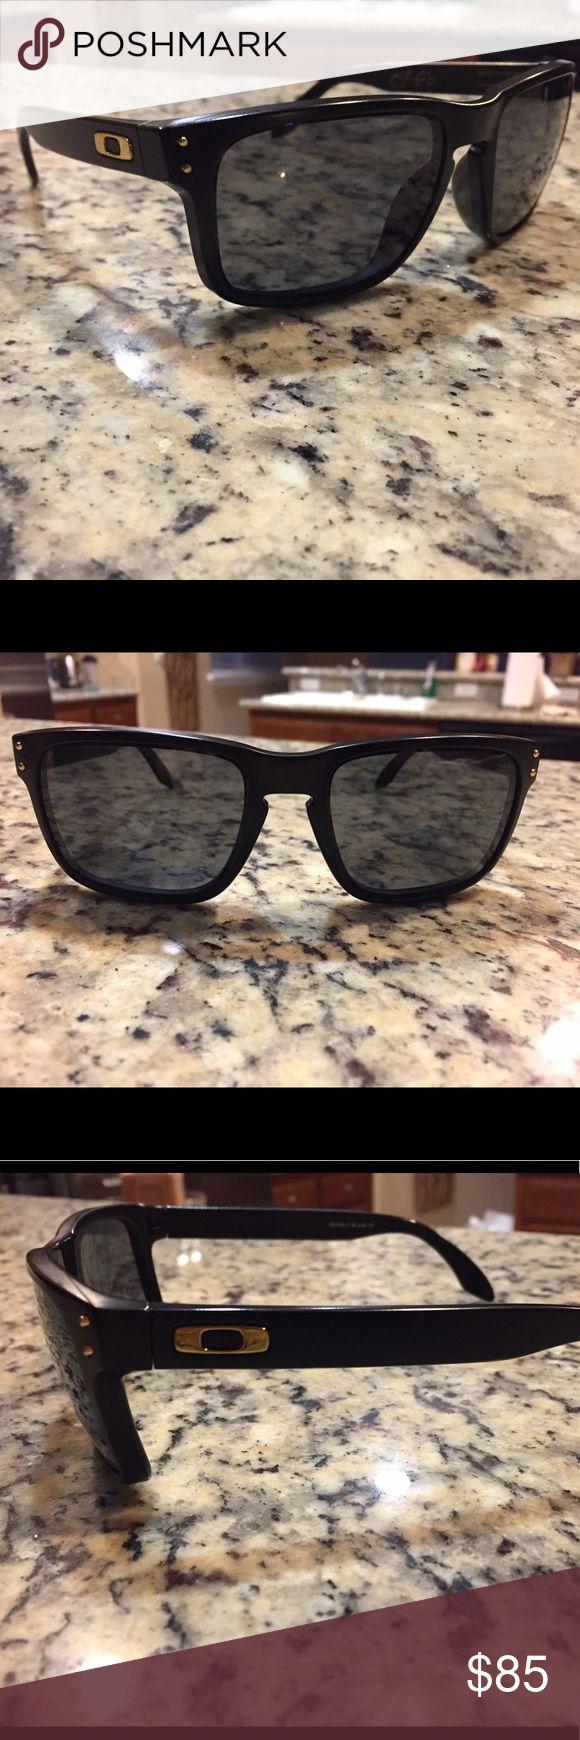 Sean White Oakley Sunglasses These matte black Sean White edition Oakley are in great condition! Oakley Accessories Sunglasses